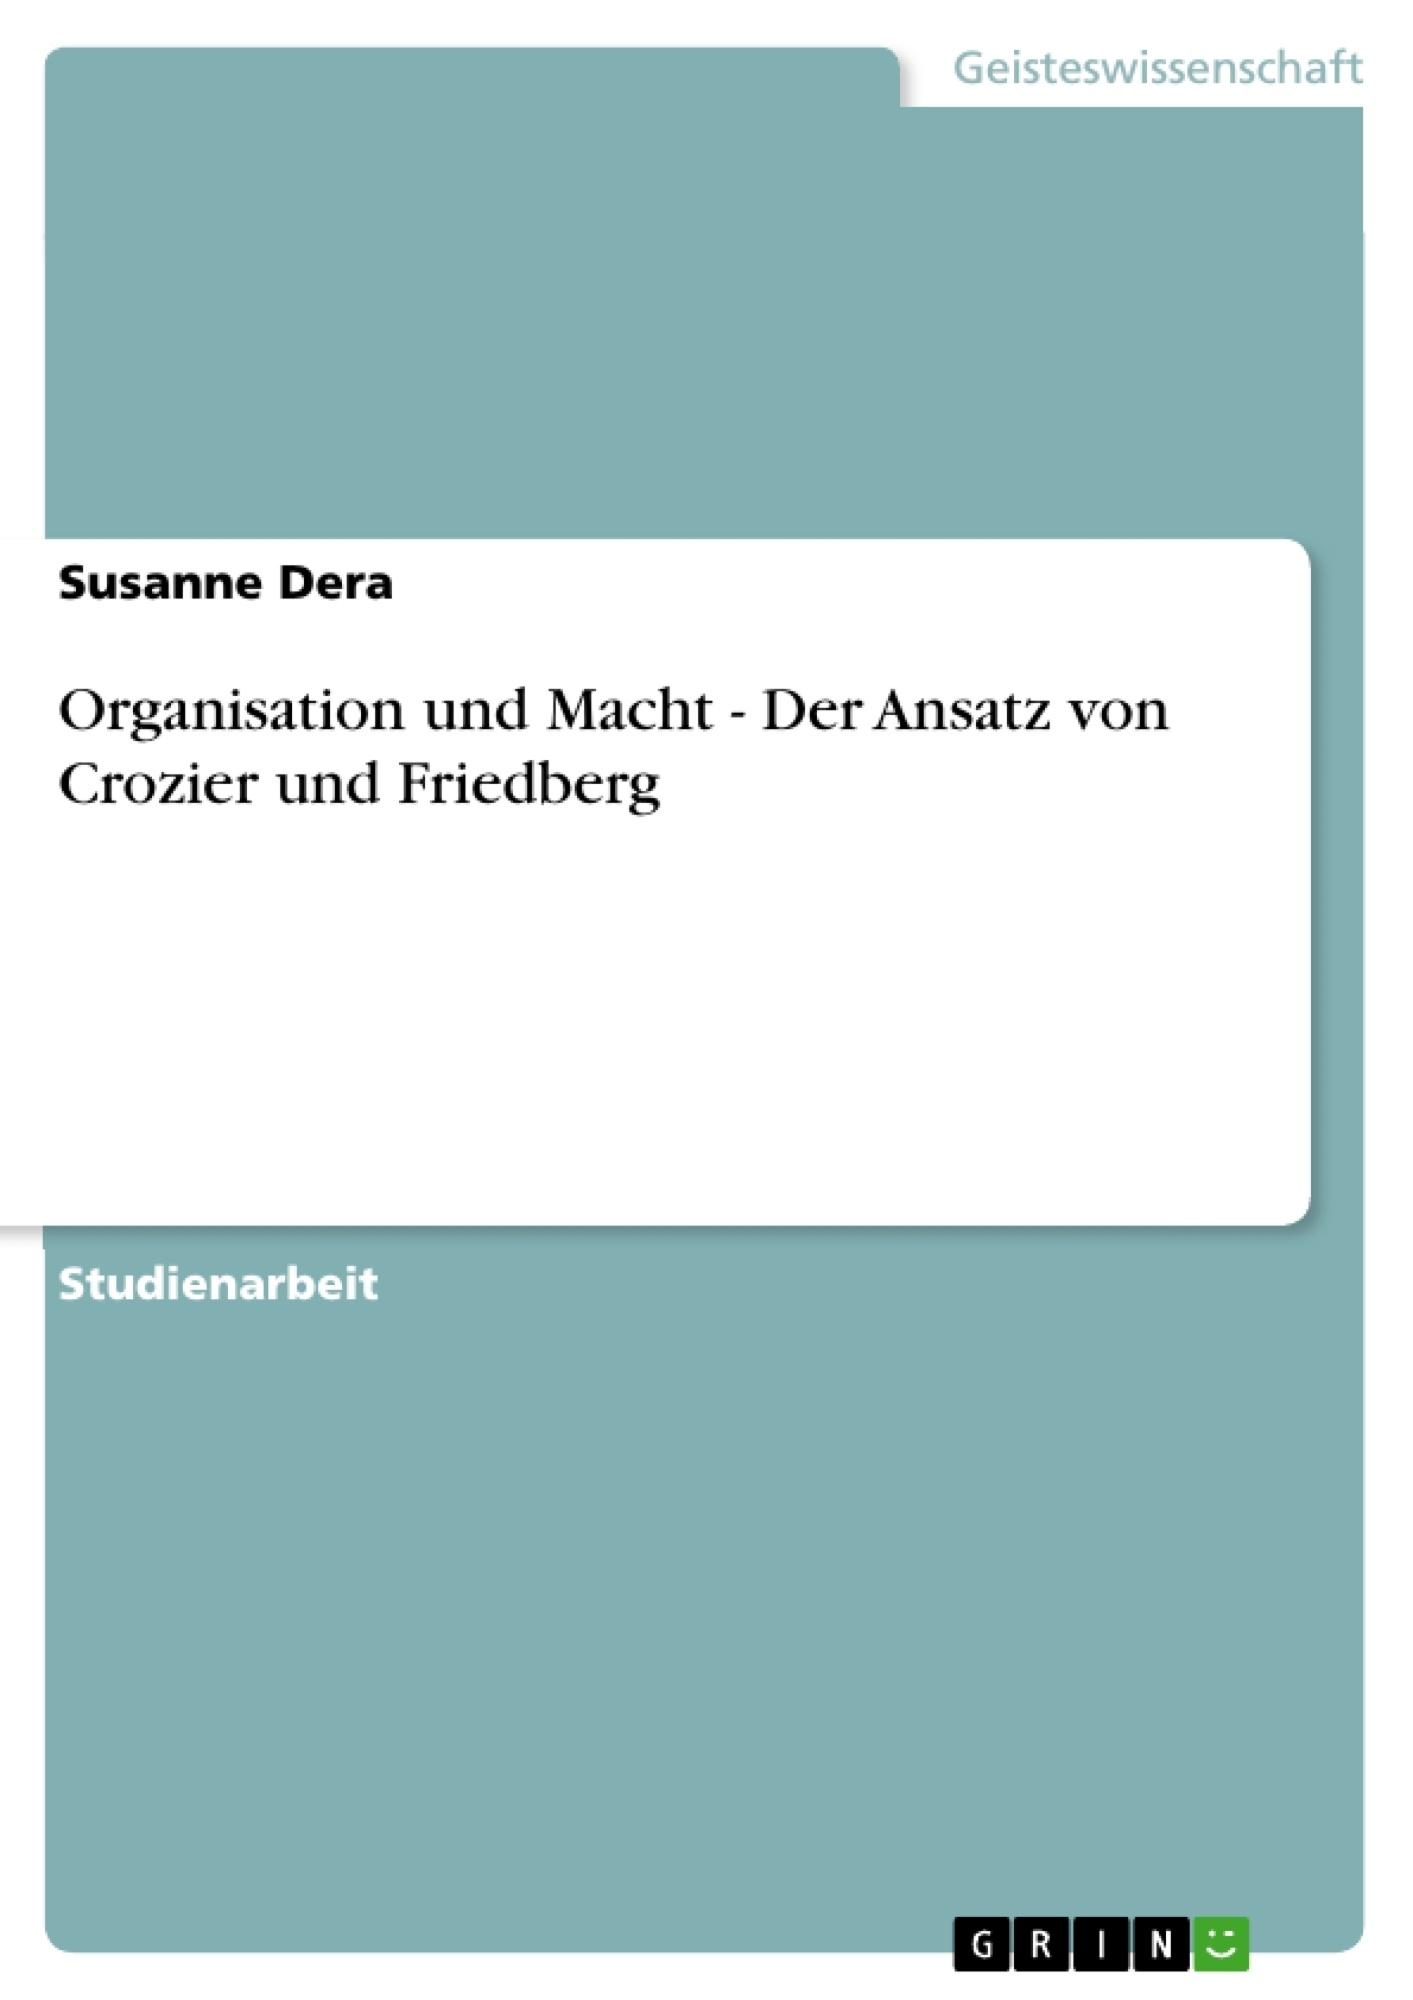 Titel: Organisation und Macht - Der Ansatz von Crozier und Friedberg